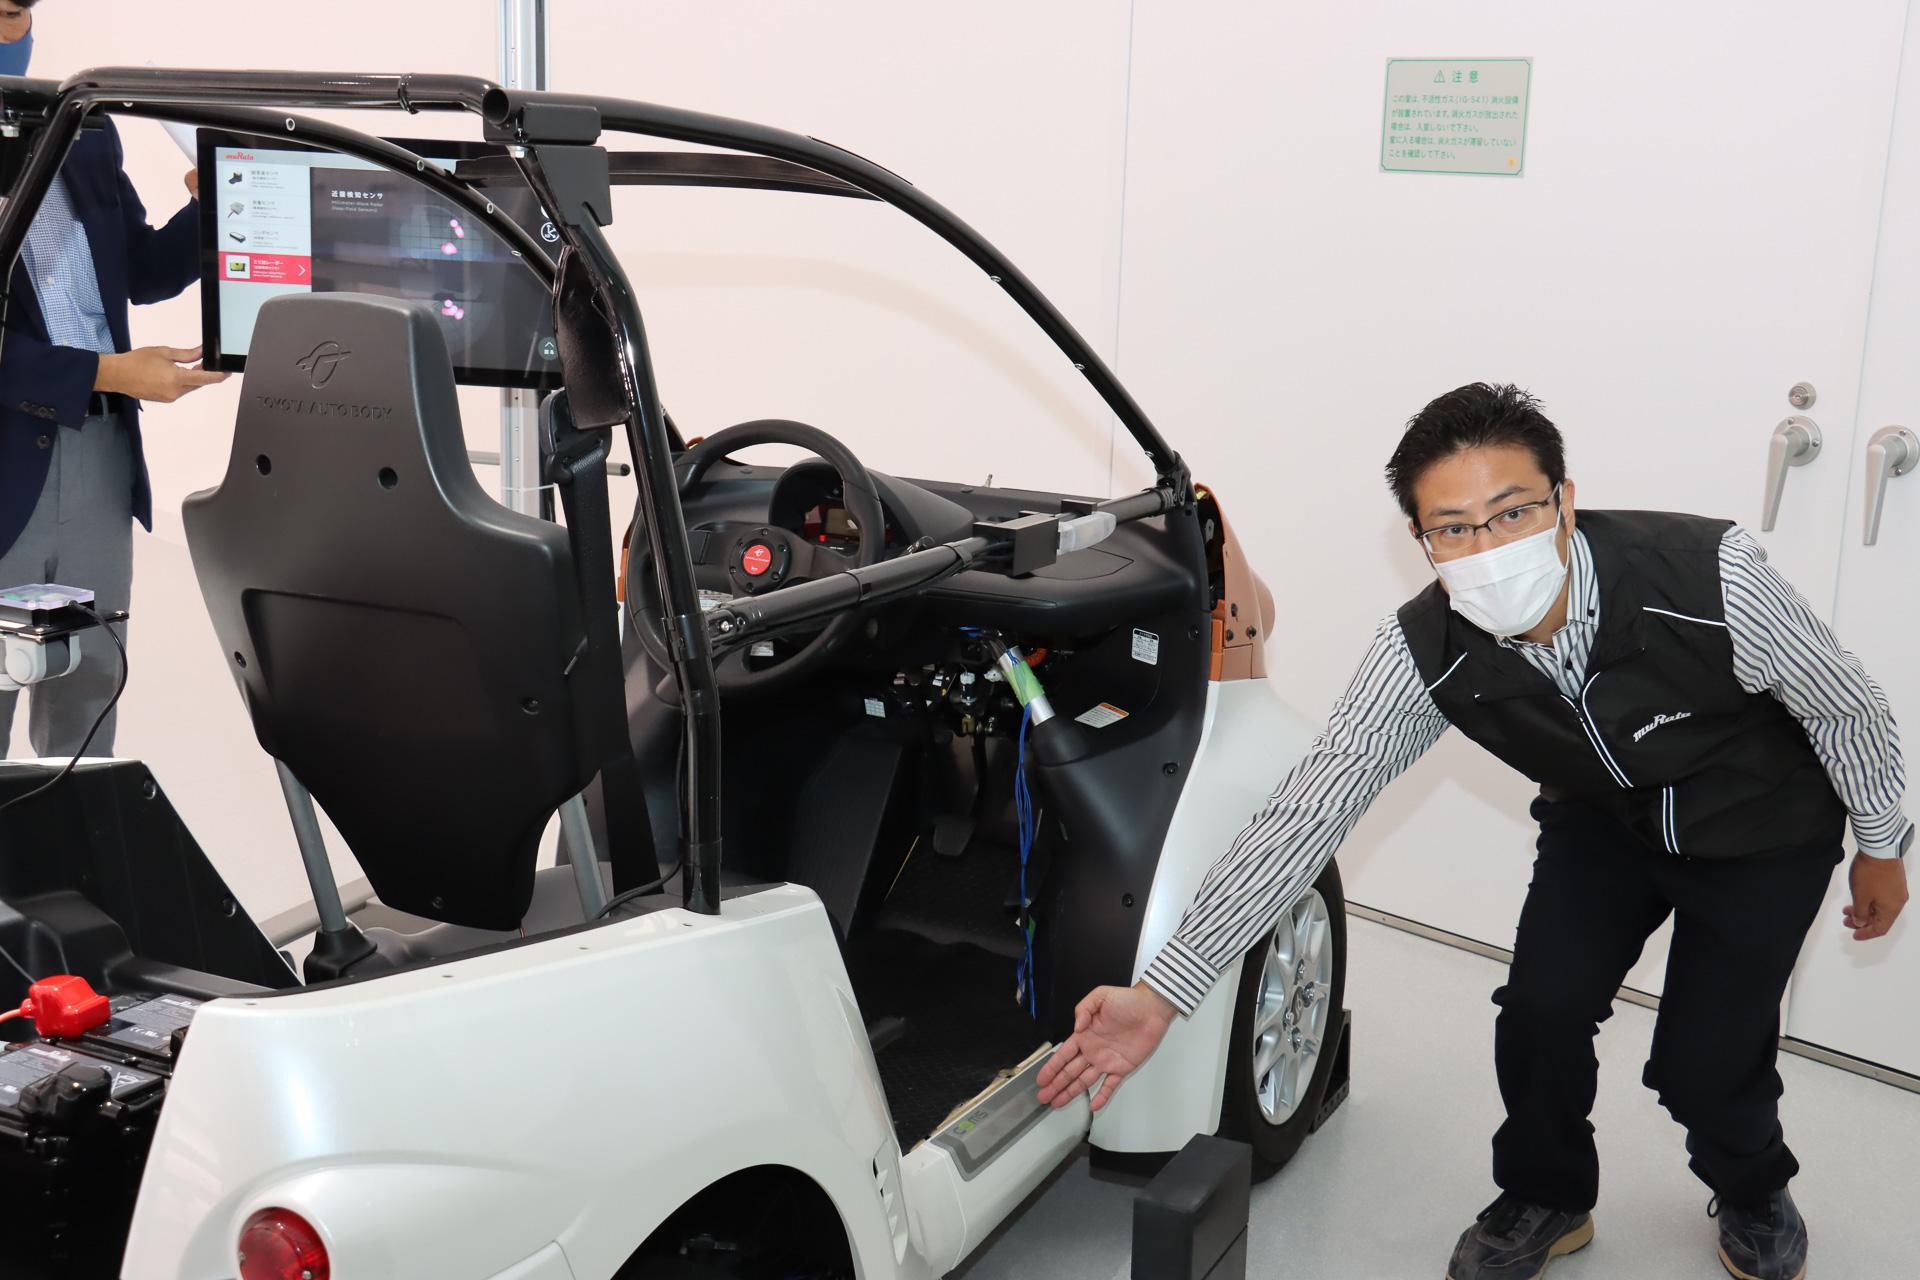 内蔵可能なミリ波レーダーは、ドアなど外観で目立つ部分にも利用可能。近接検知センサーとして利用しているデモではフロントタイヤ脇とドア脇に障害物があることを検知している